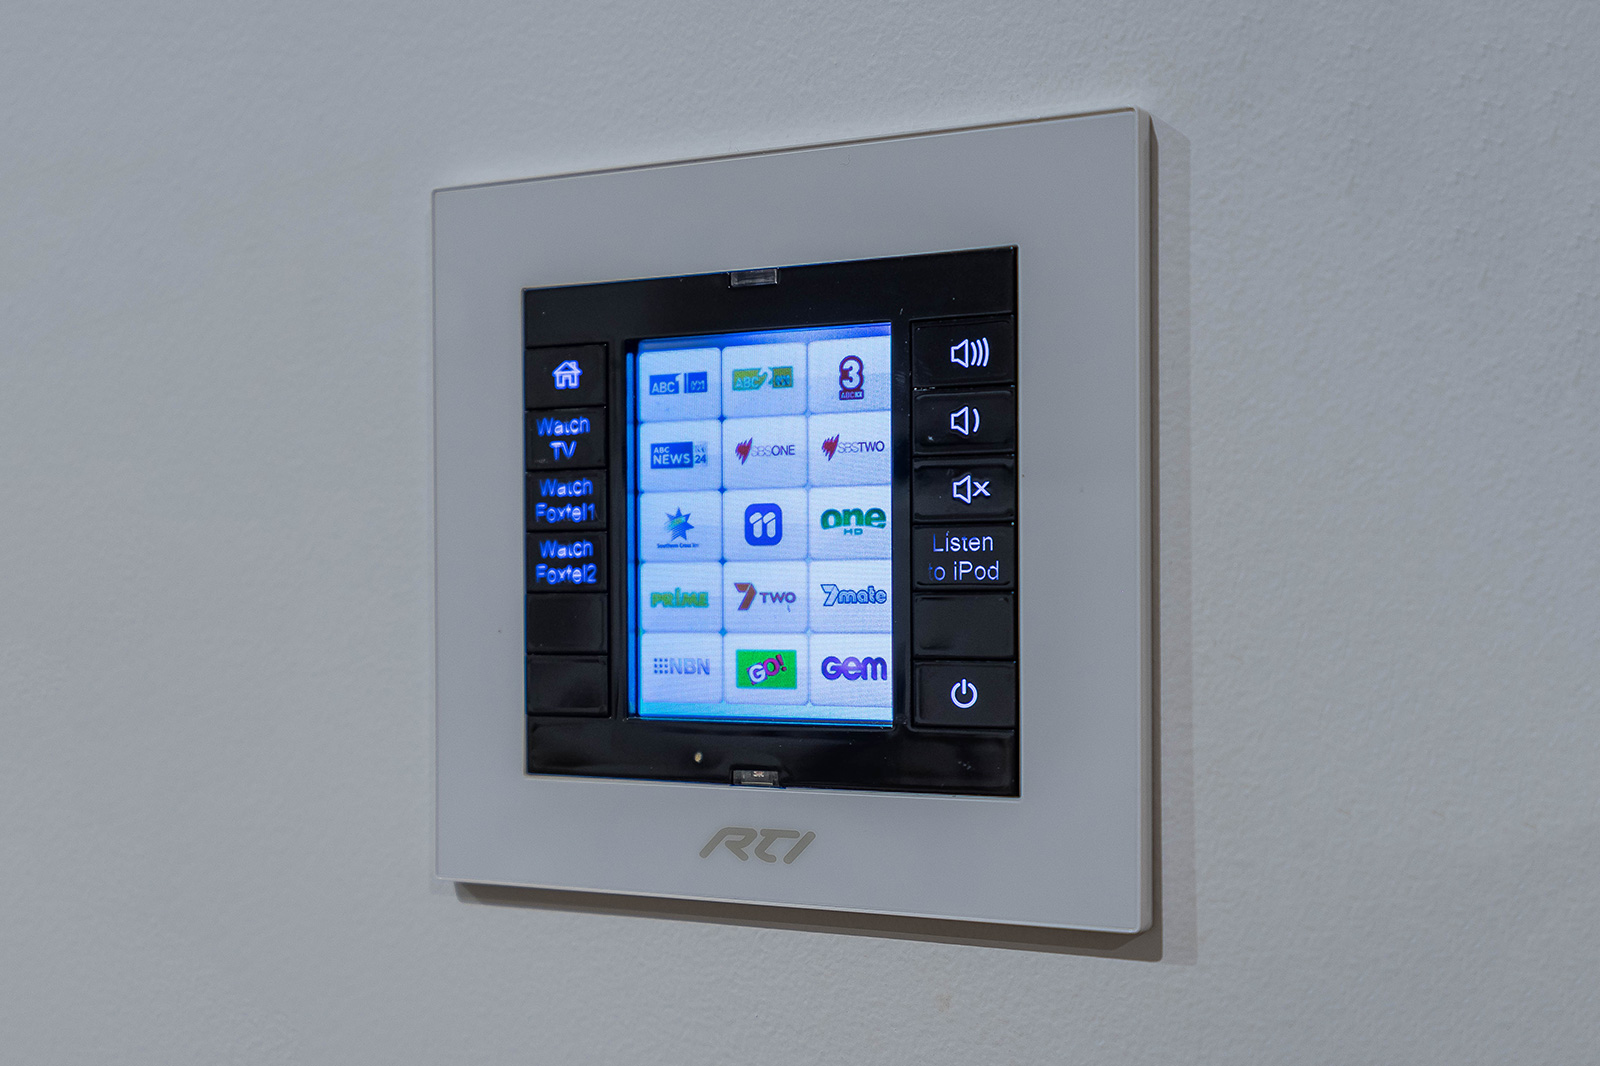 RTI wallplate